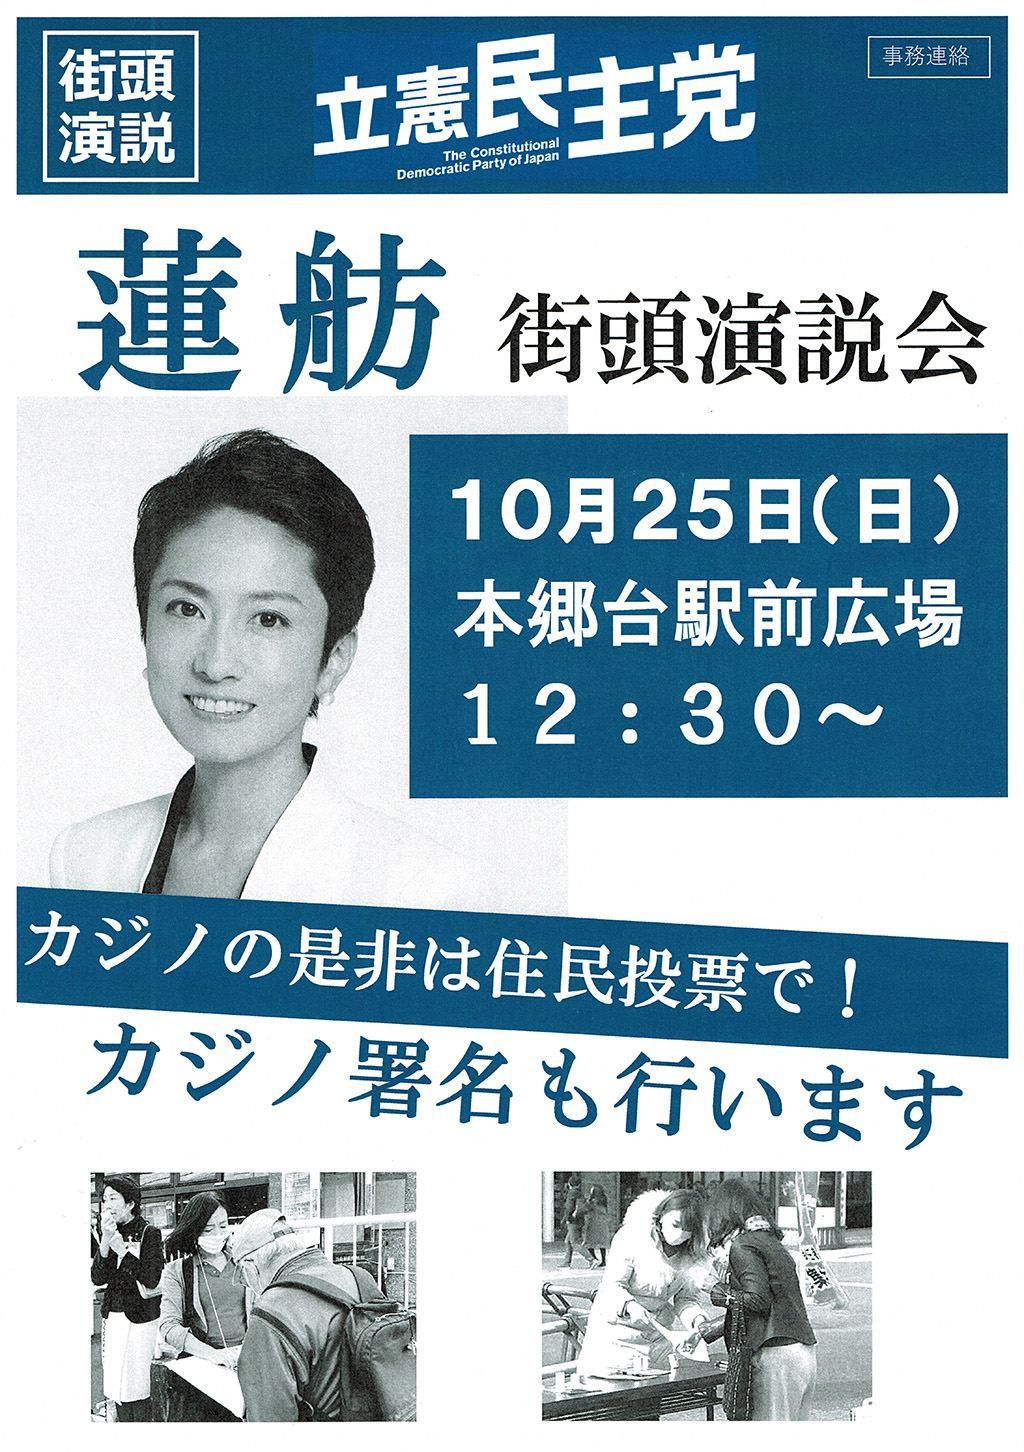 蓮舫 街頭演説会のお知らせ 2020年10月25日